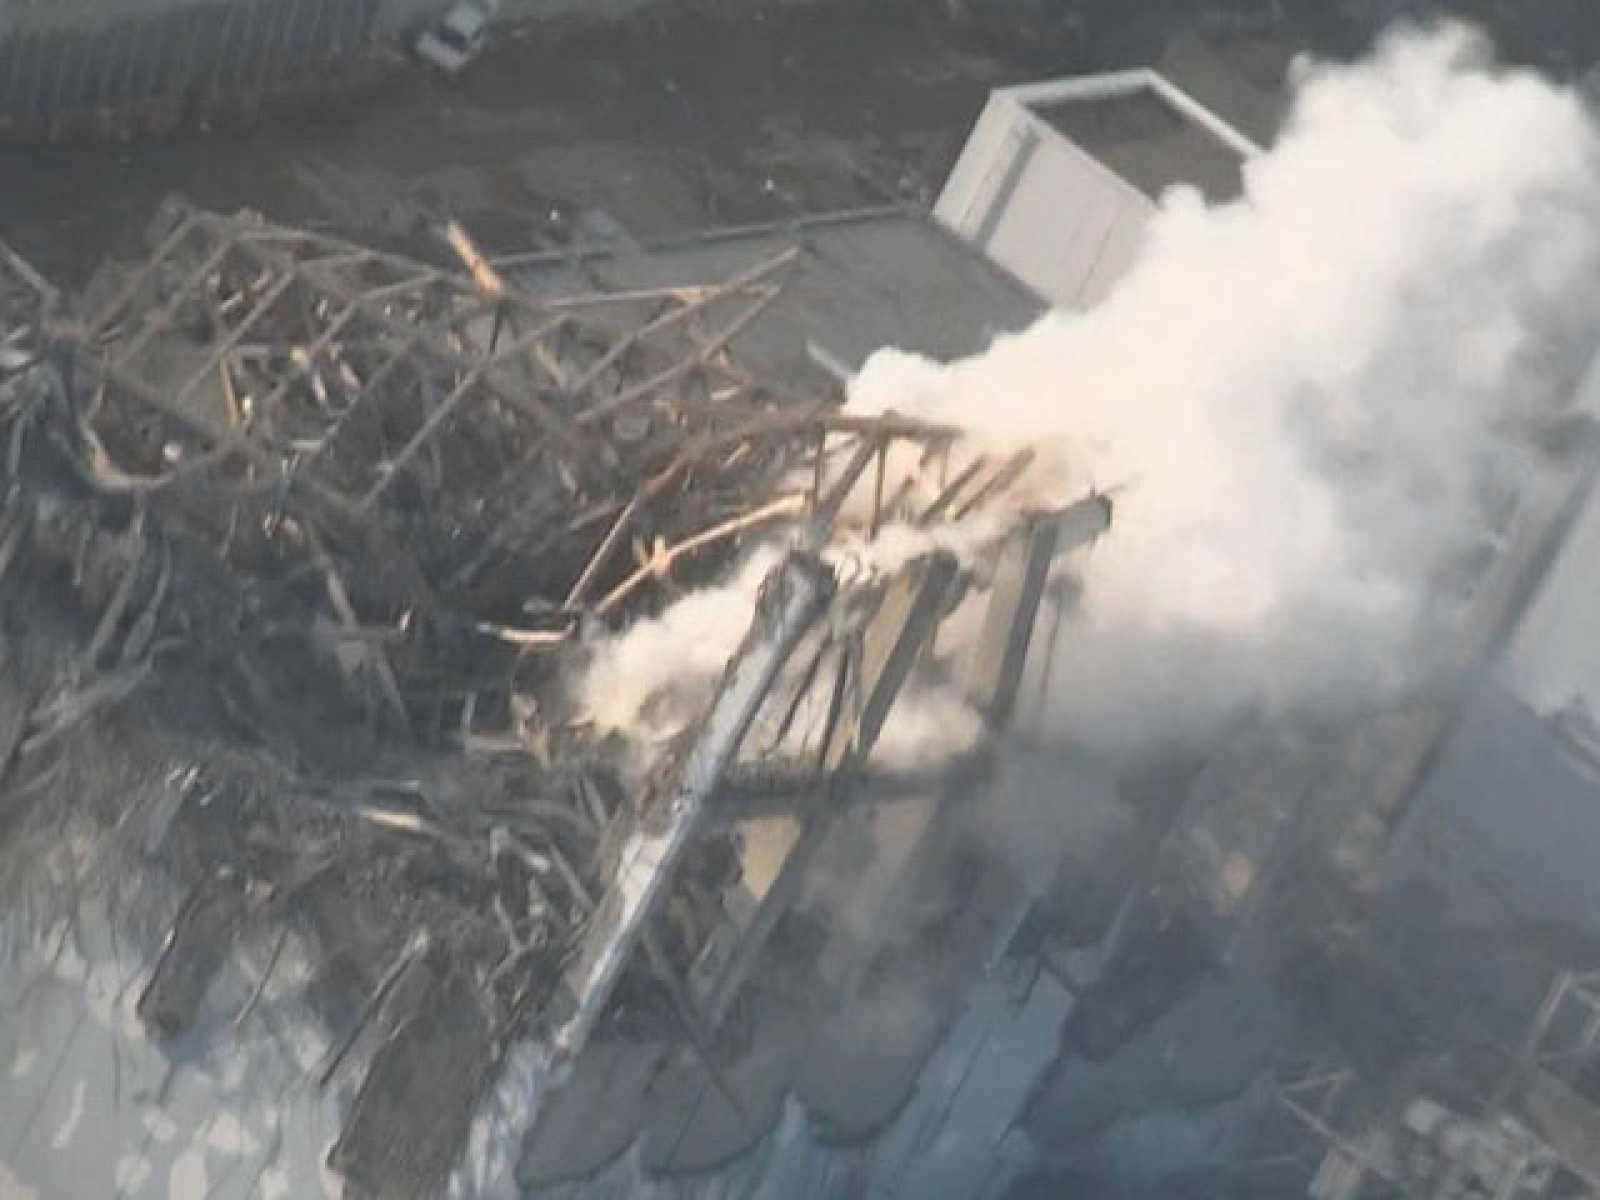 Japón lucha por enfriar Fukushima y evitar una catástrofe nuclear